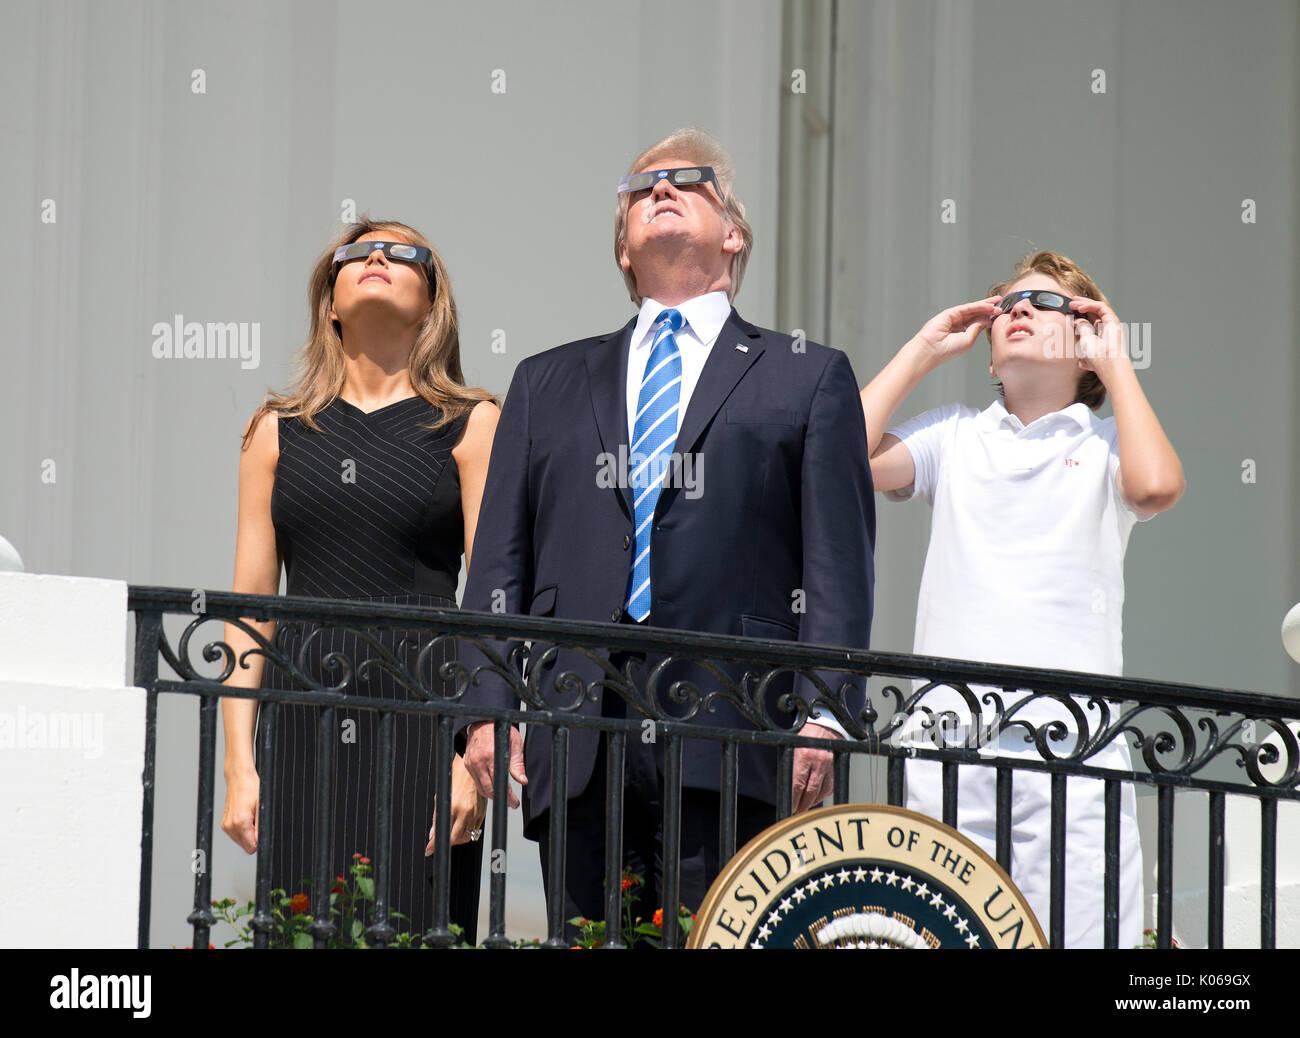 Il Presidente degli Stati Uniti, Trump, centro, accompagnato dalla first lady Melania Trump, sinistra e Barron Trump, Foto Stock